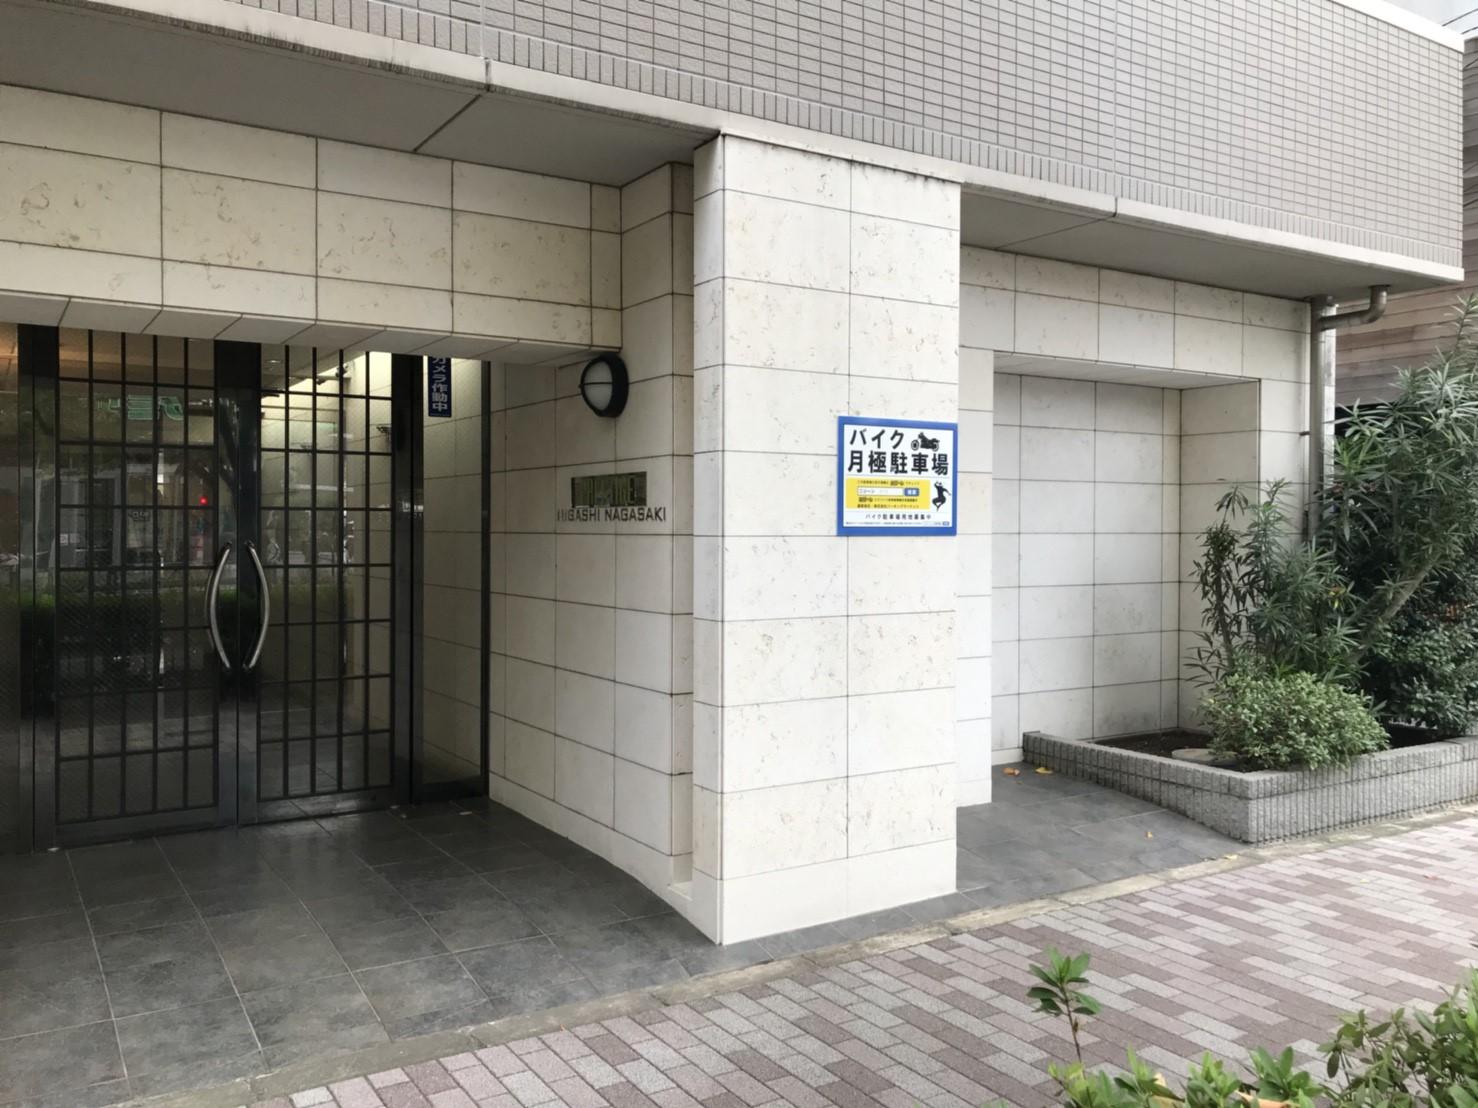 月極駐車場 プレステージ東長崎の写真1